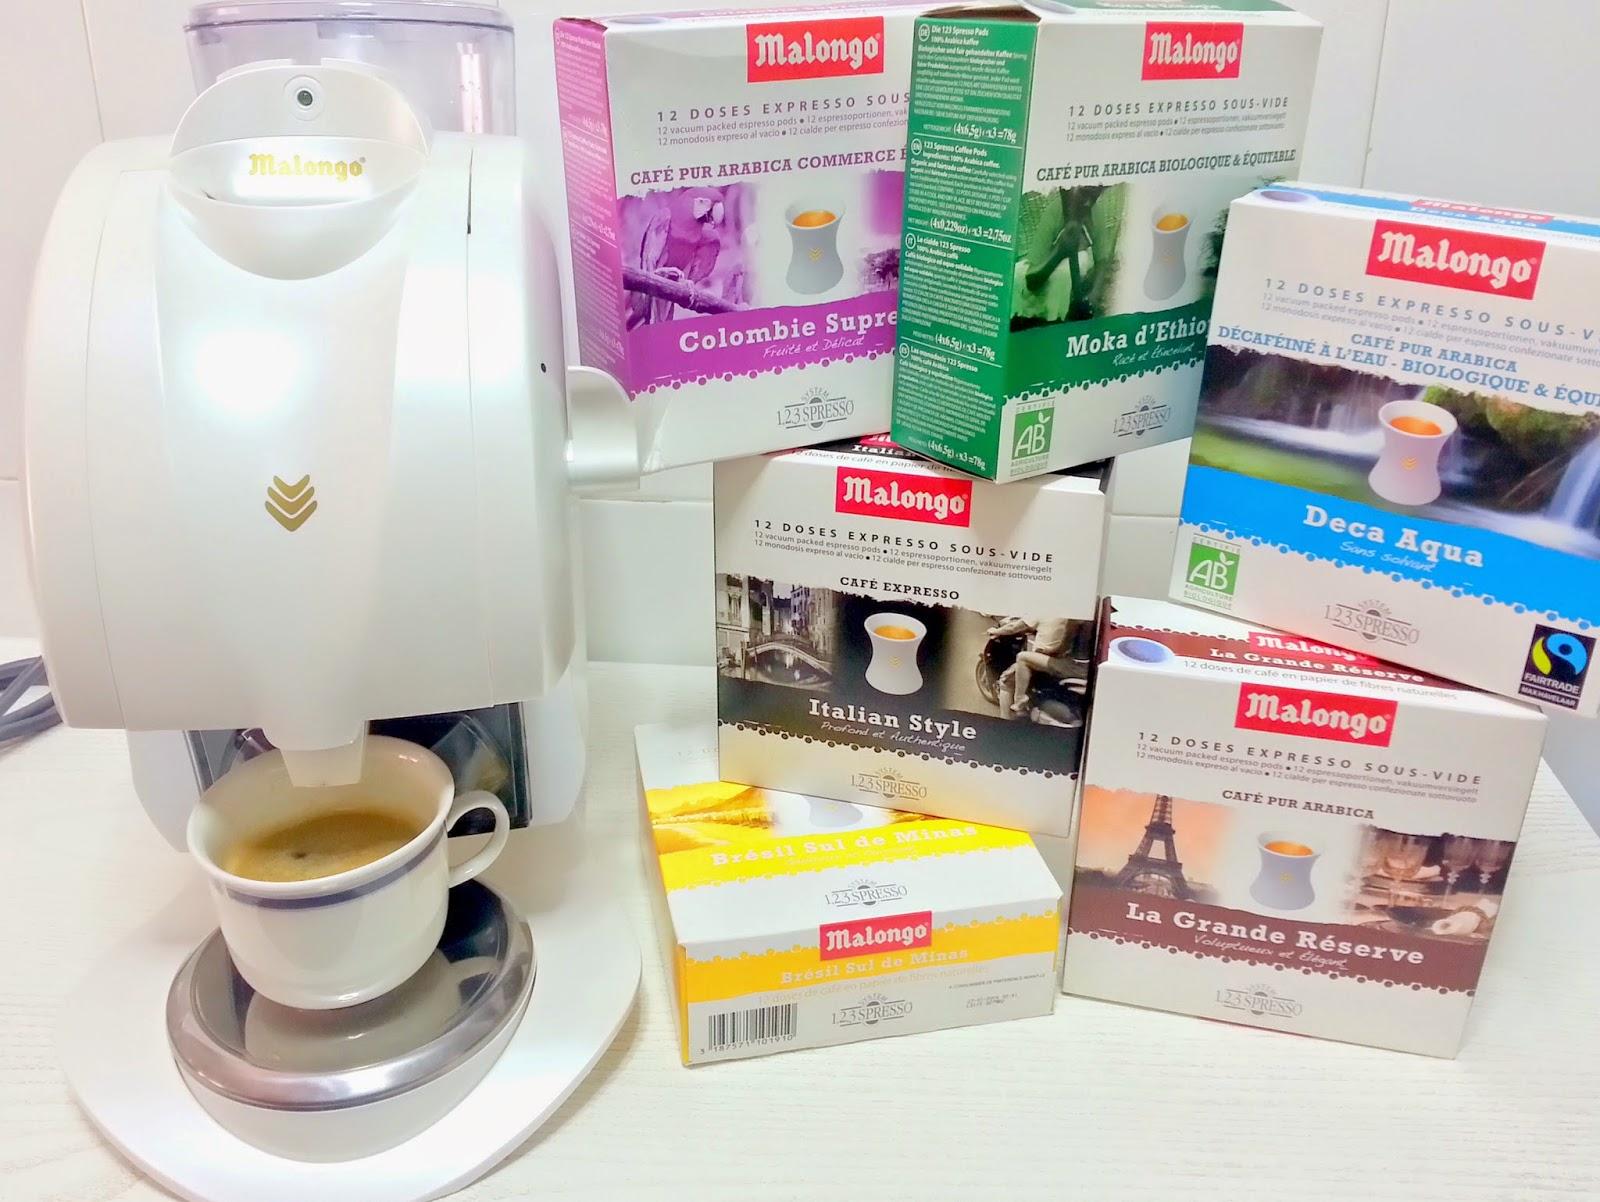 caf s malongo la mayor variedad de caf s en monodosis. Black Bedroom Furniture Sets. Home Design Ideas